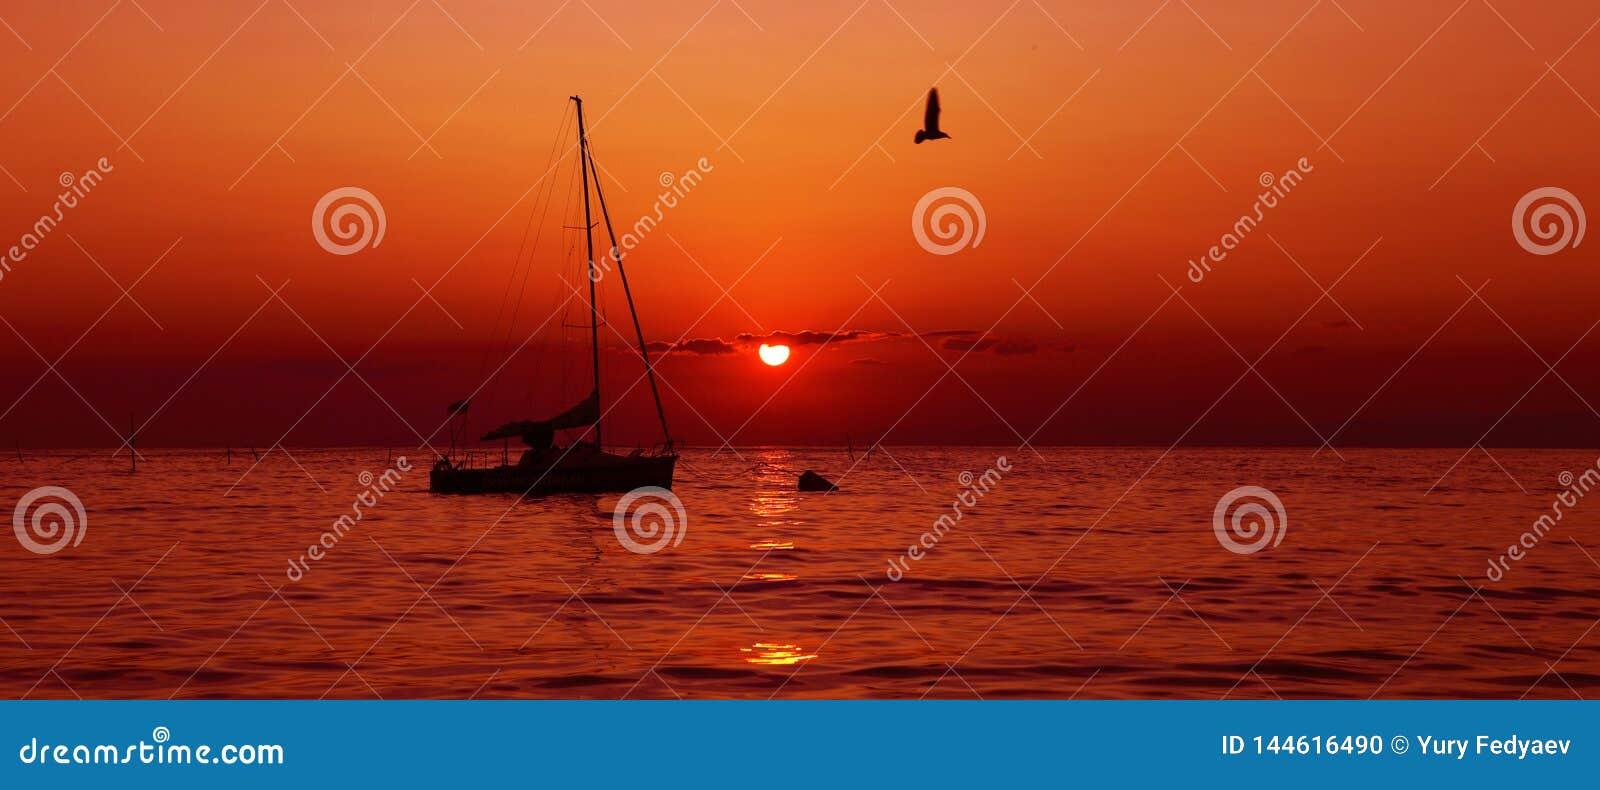 Silhouet van een zeilboot tussen de zonsopgang onder een rode hemel met vliegende zeemeeuwen